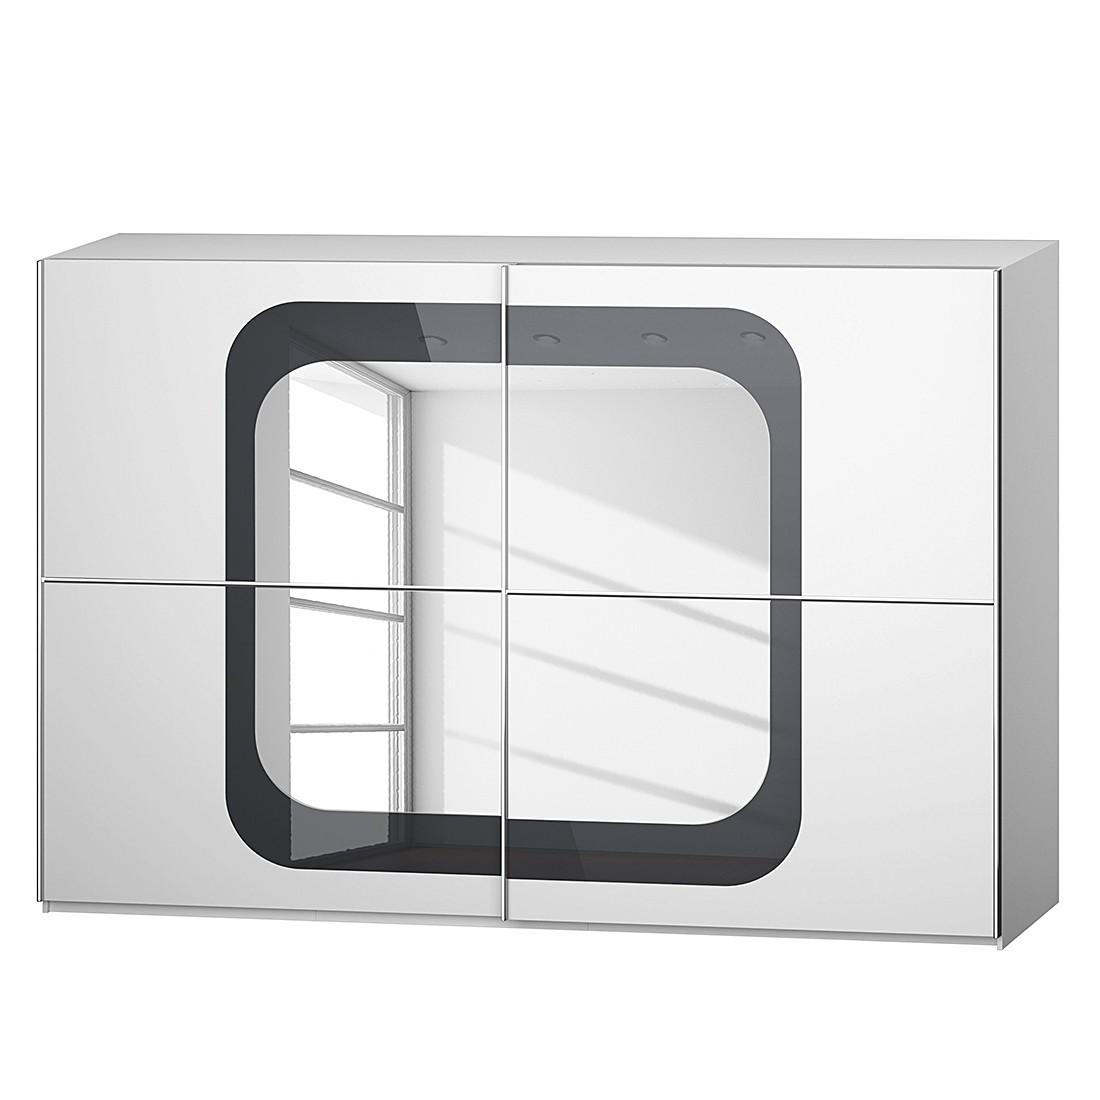 goedkoop Schuifdeurkast Lumos Alpinewit basaltkleurig glas 316cm 2 deurs 236cm Rauch Dialog